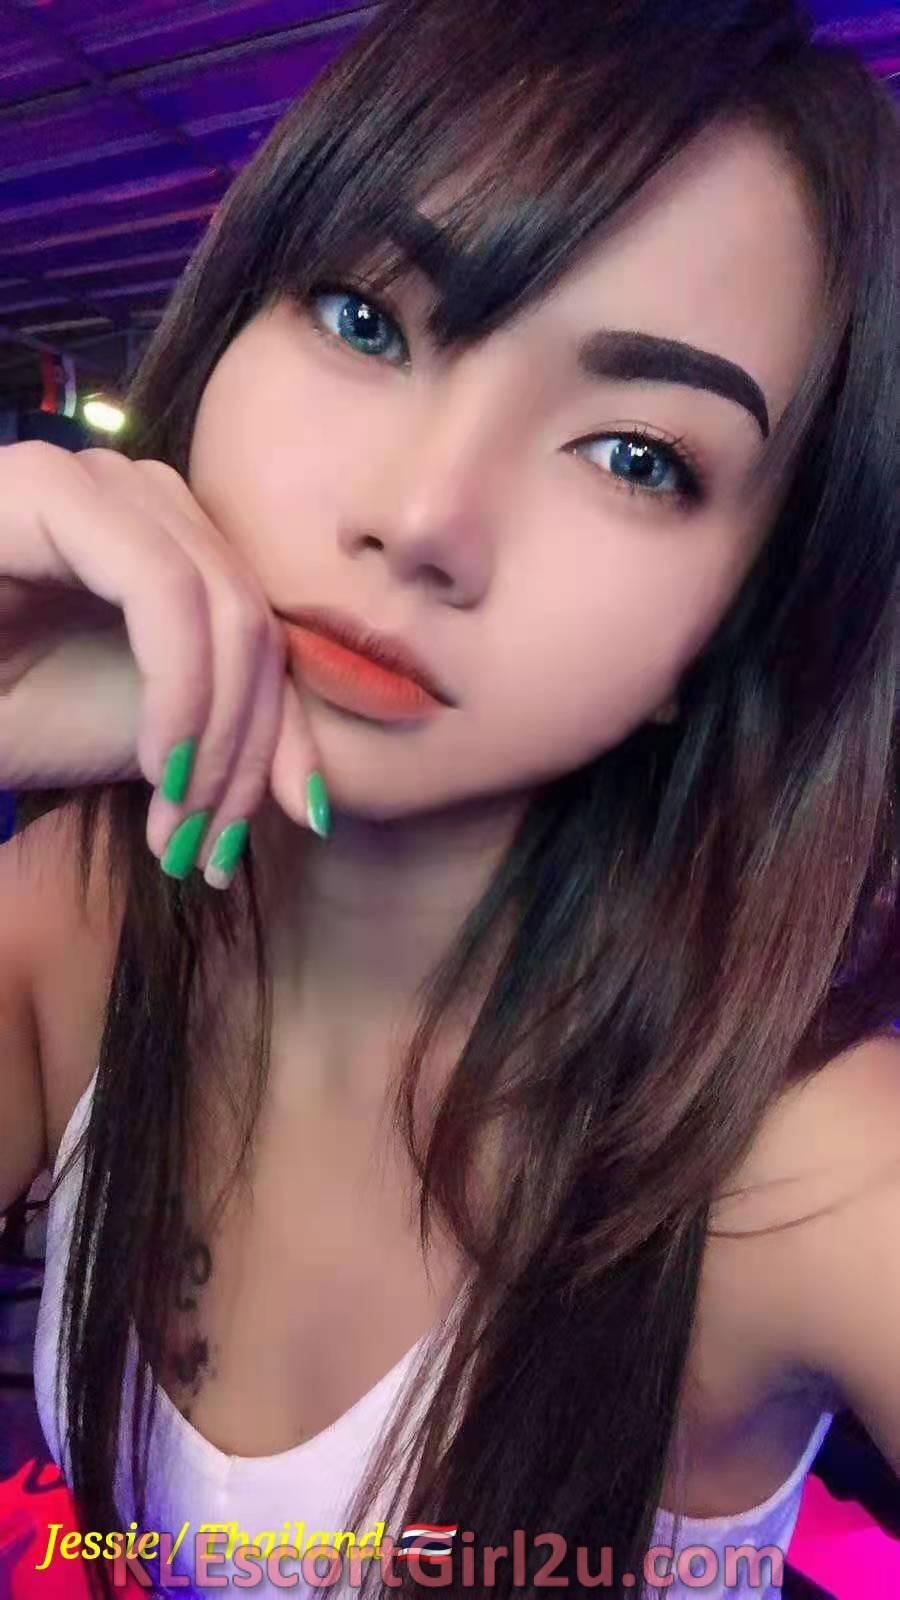 Kl Escort Girl - Thailand - Jessie